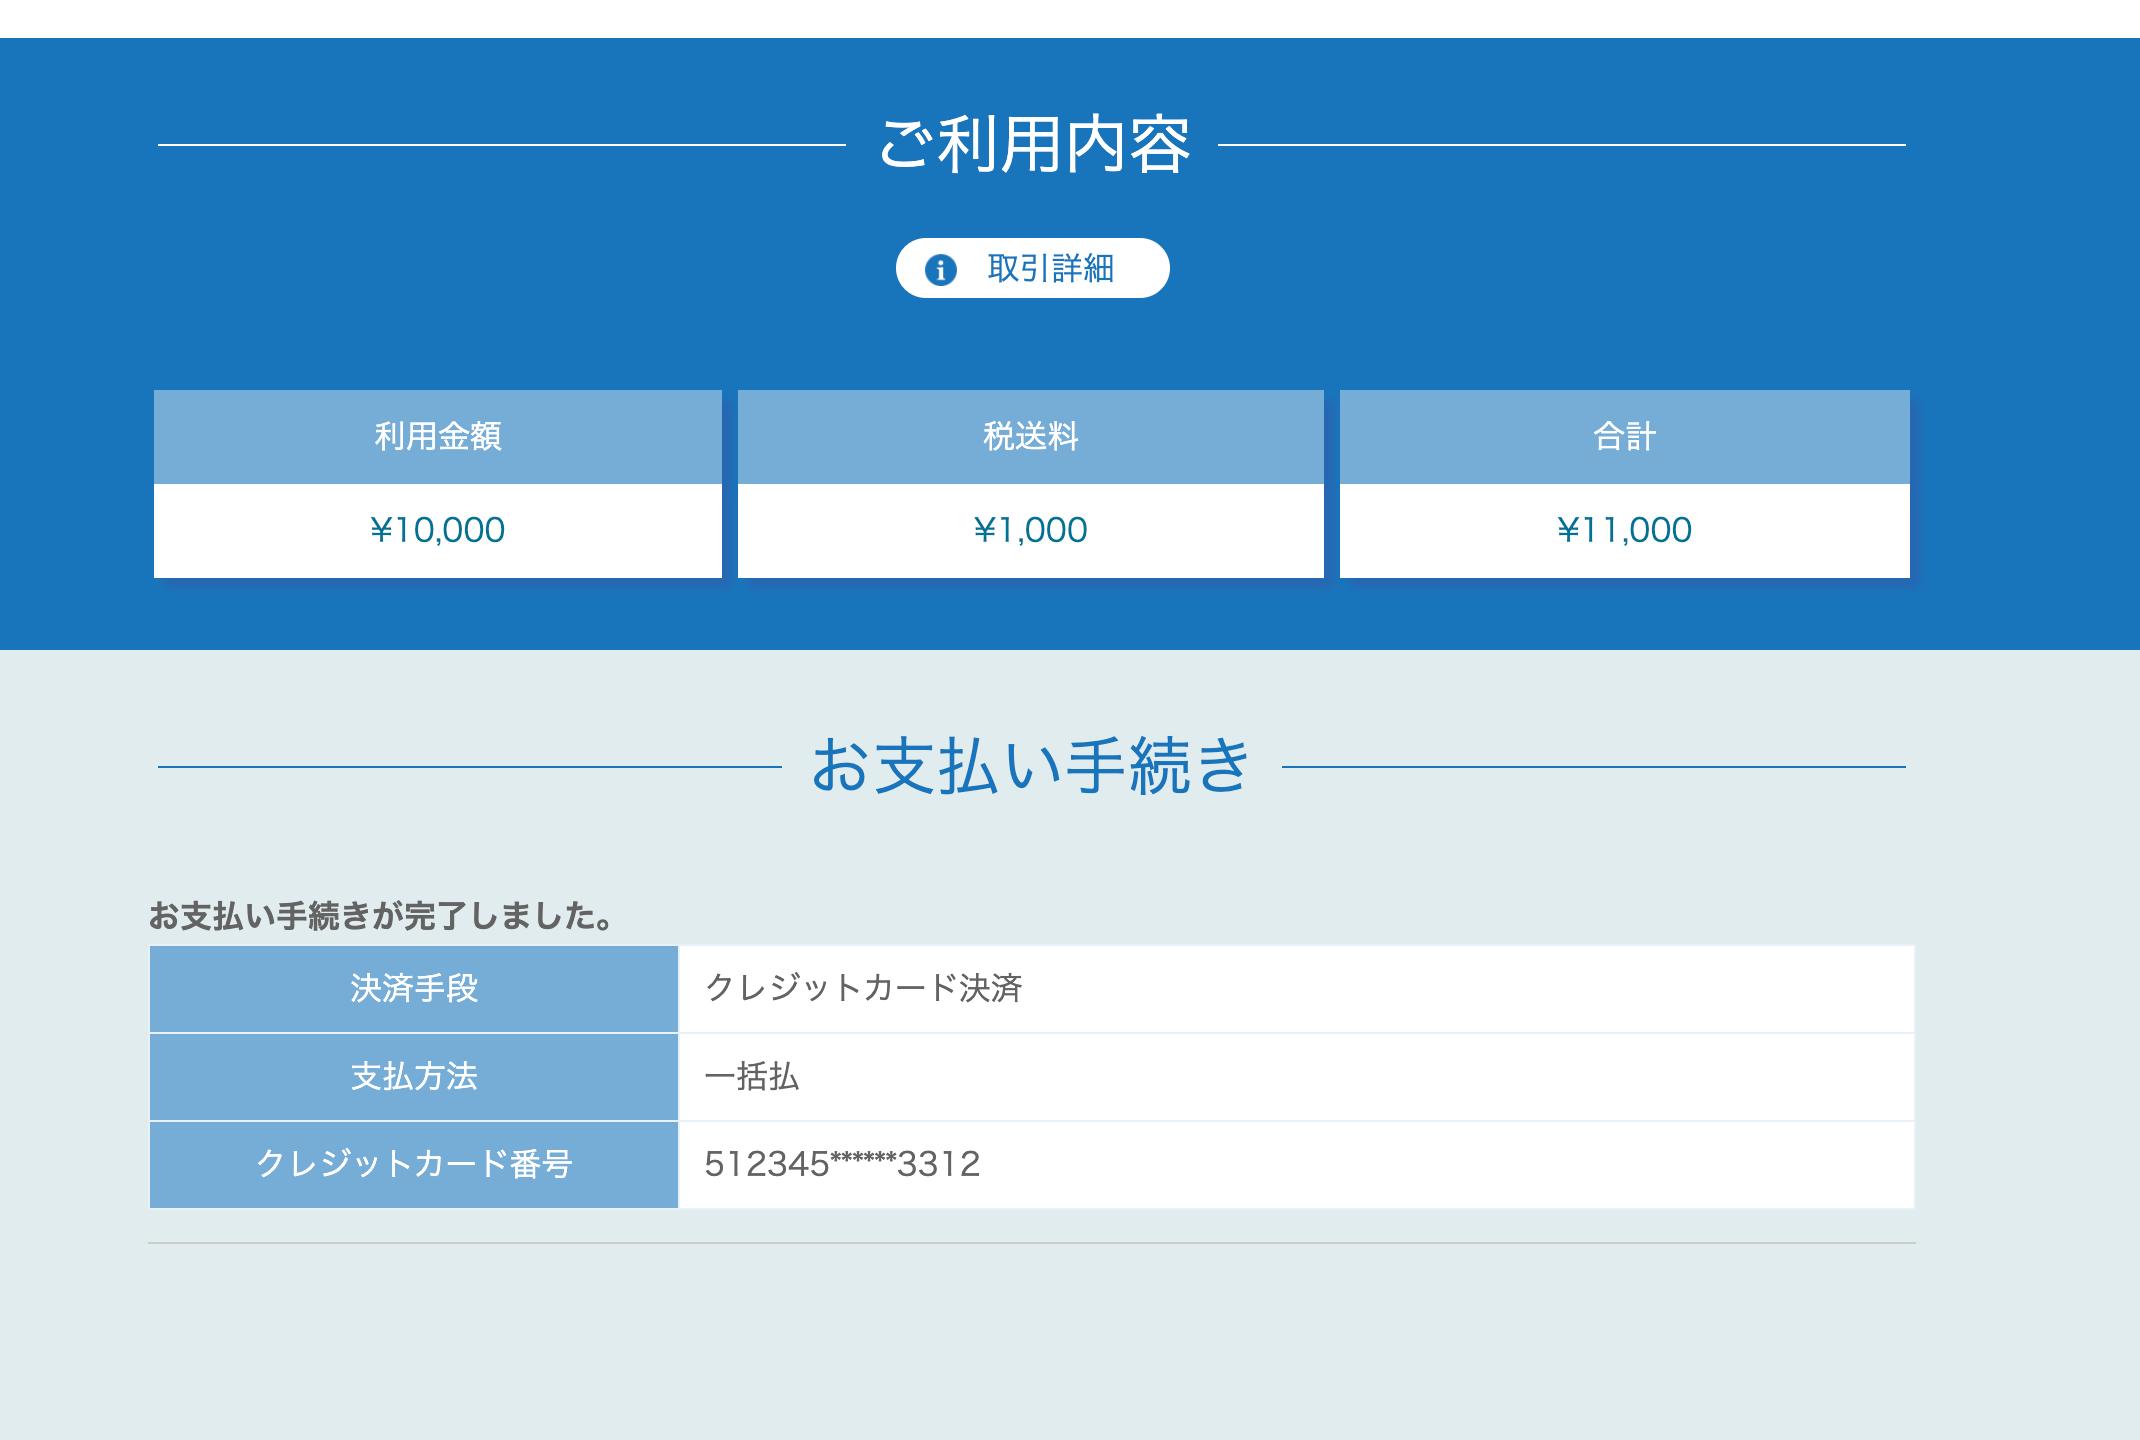 スクリーンショット 2020-10-06 8.06.48.png